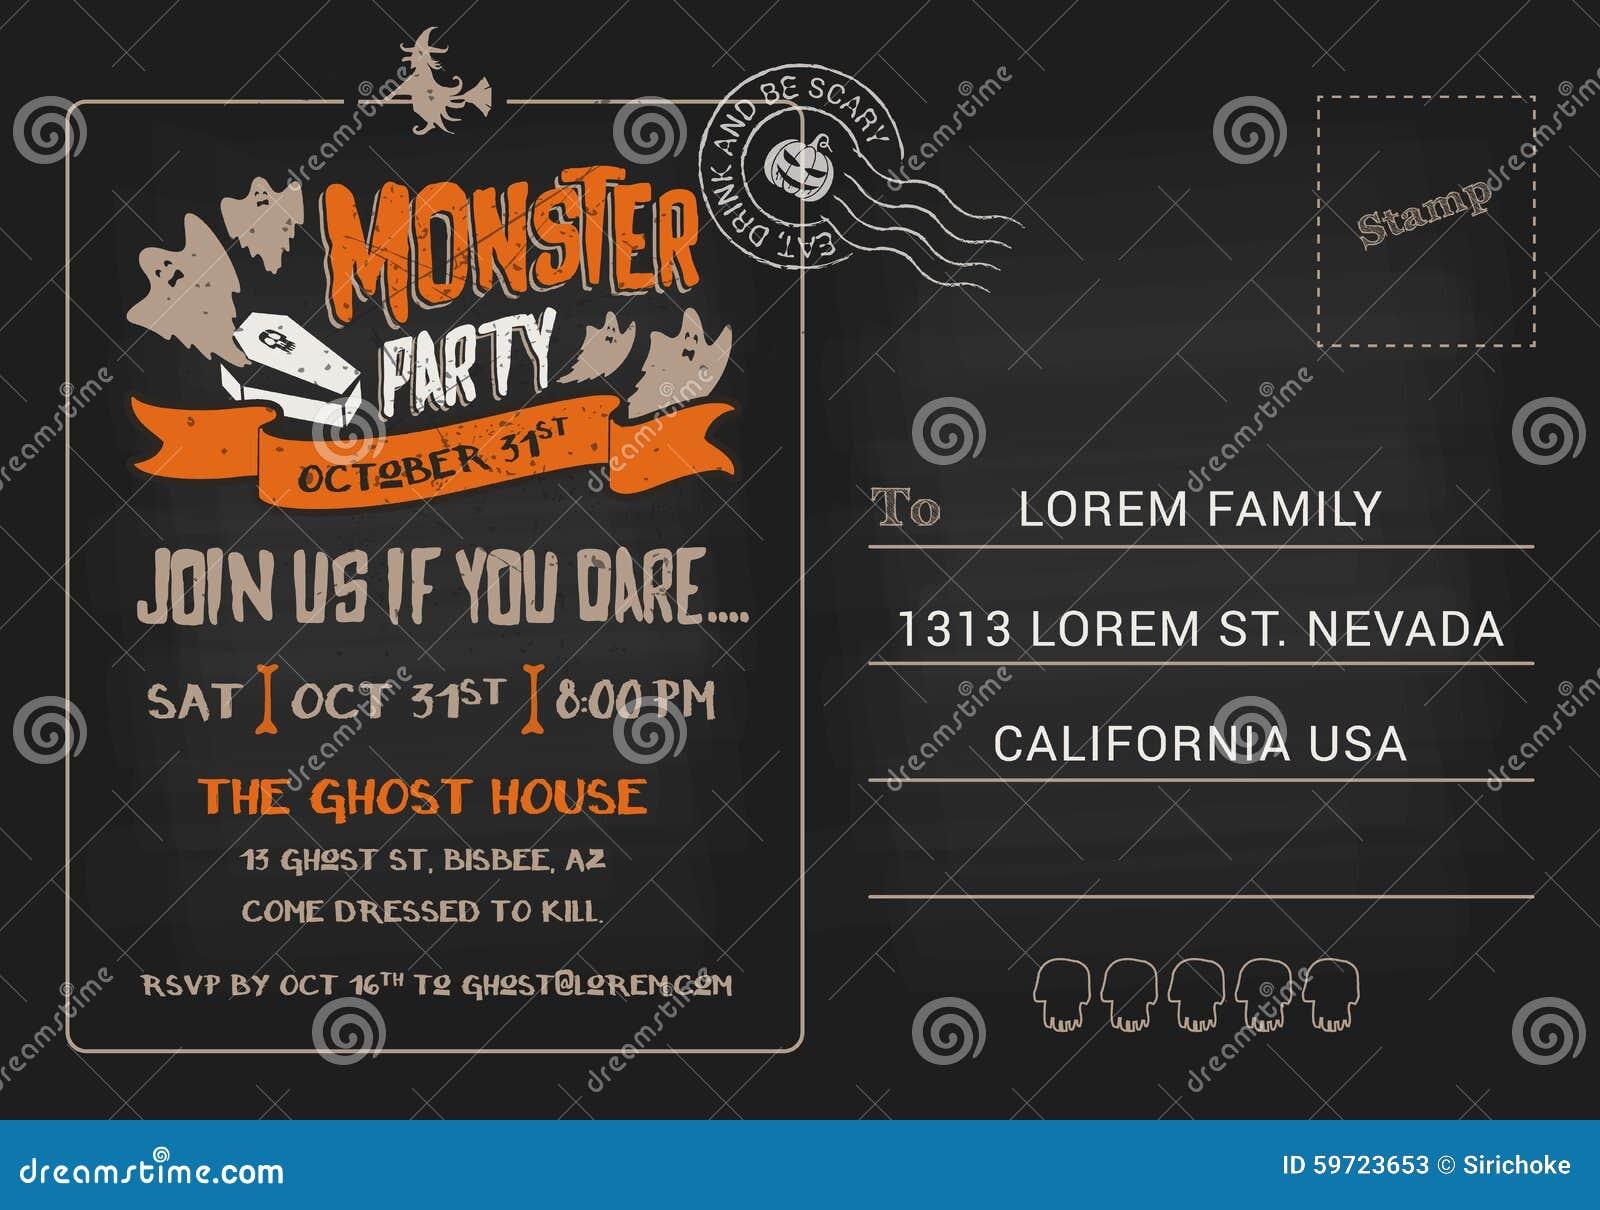 Calibre d 39 invitation de carte postale de partie de monstre de halloween illustration de vecteur - Carte invitation anniversaire monstre ...